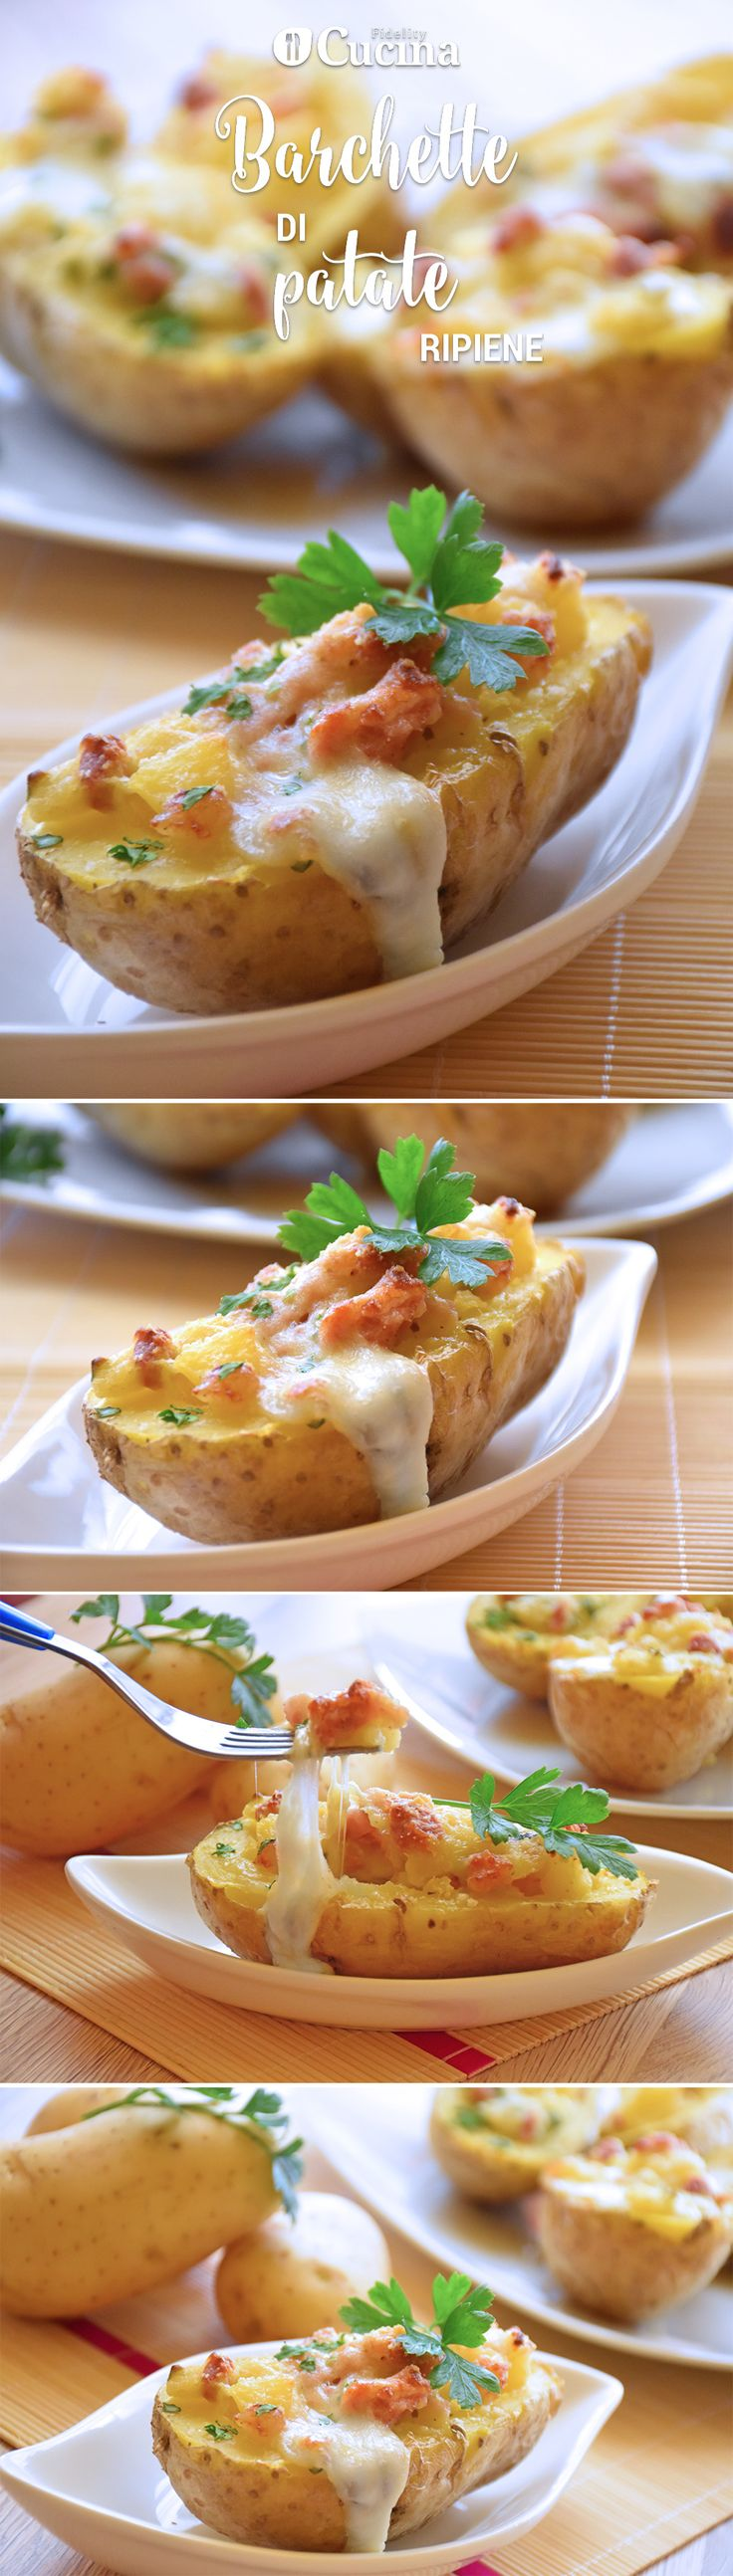 Le barchette di #patate ripiene sono un antipasto originale, ricco di sapore e…